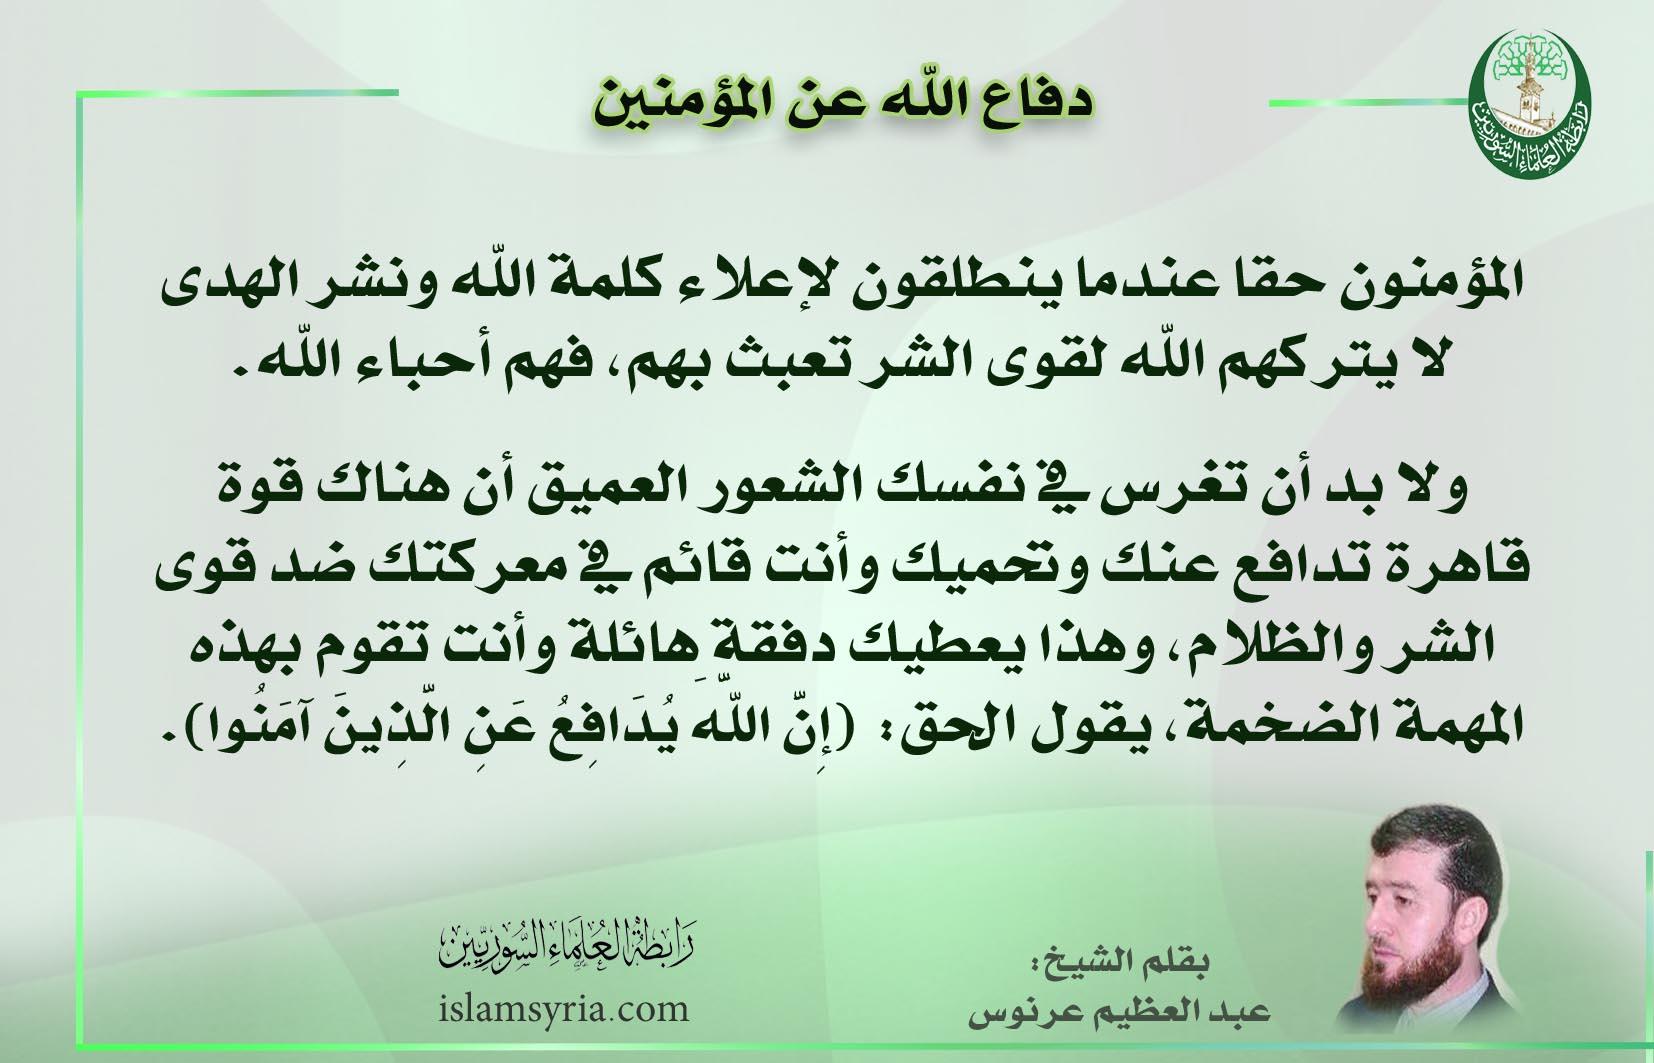 دفاع عن المؤمنين||الشيخ عبد العظيم عرنوس